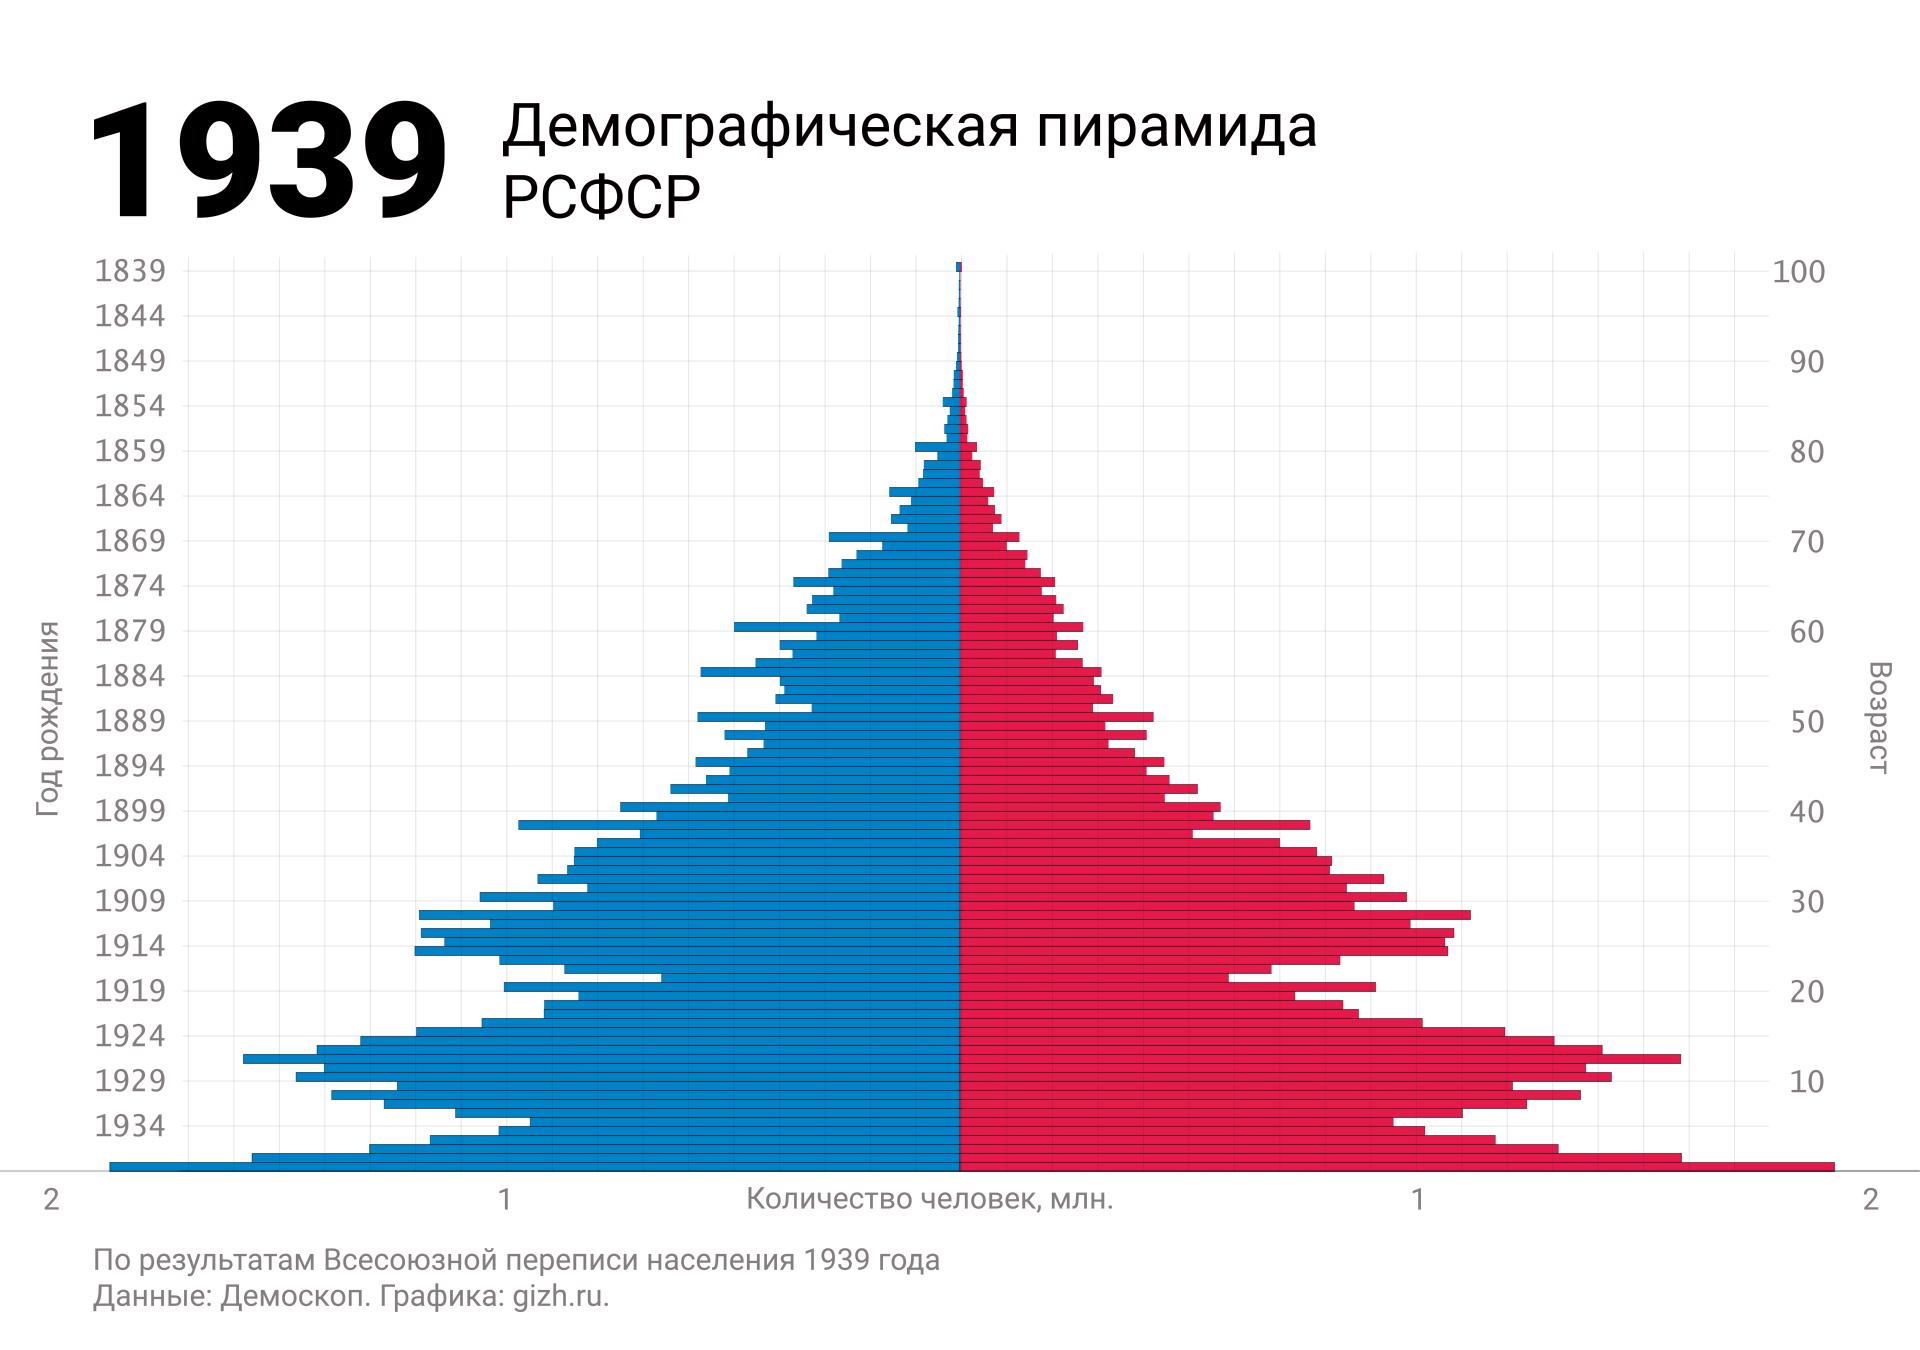 Демографическая (половозрастная) пирамида России (СССР, РСФСР) по переписи 1939